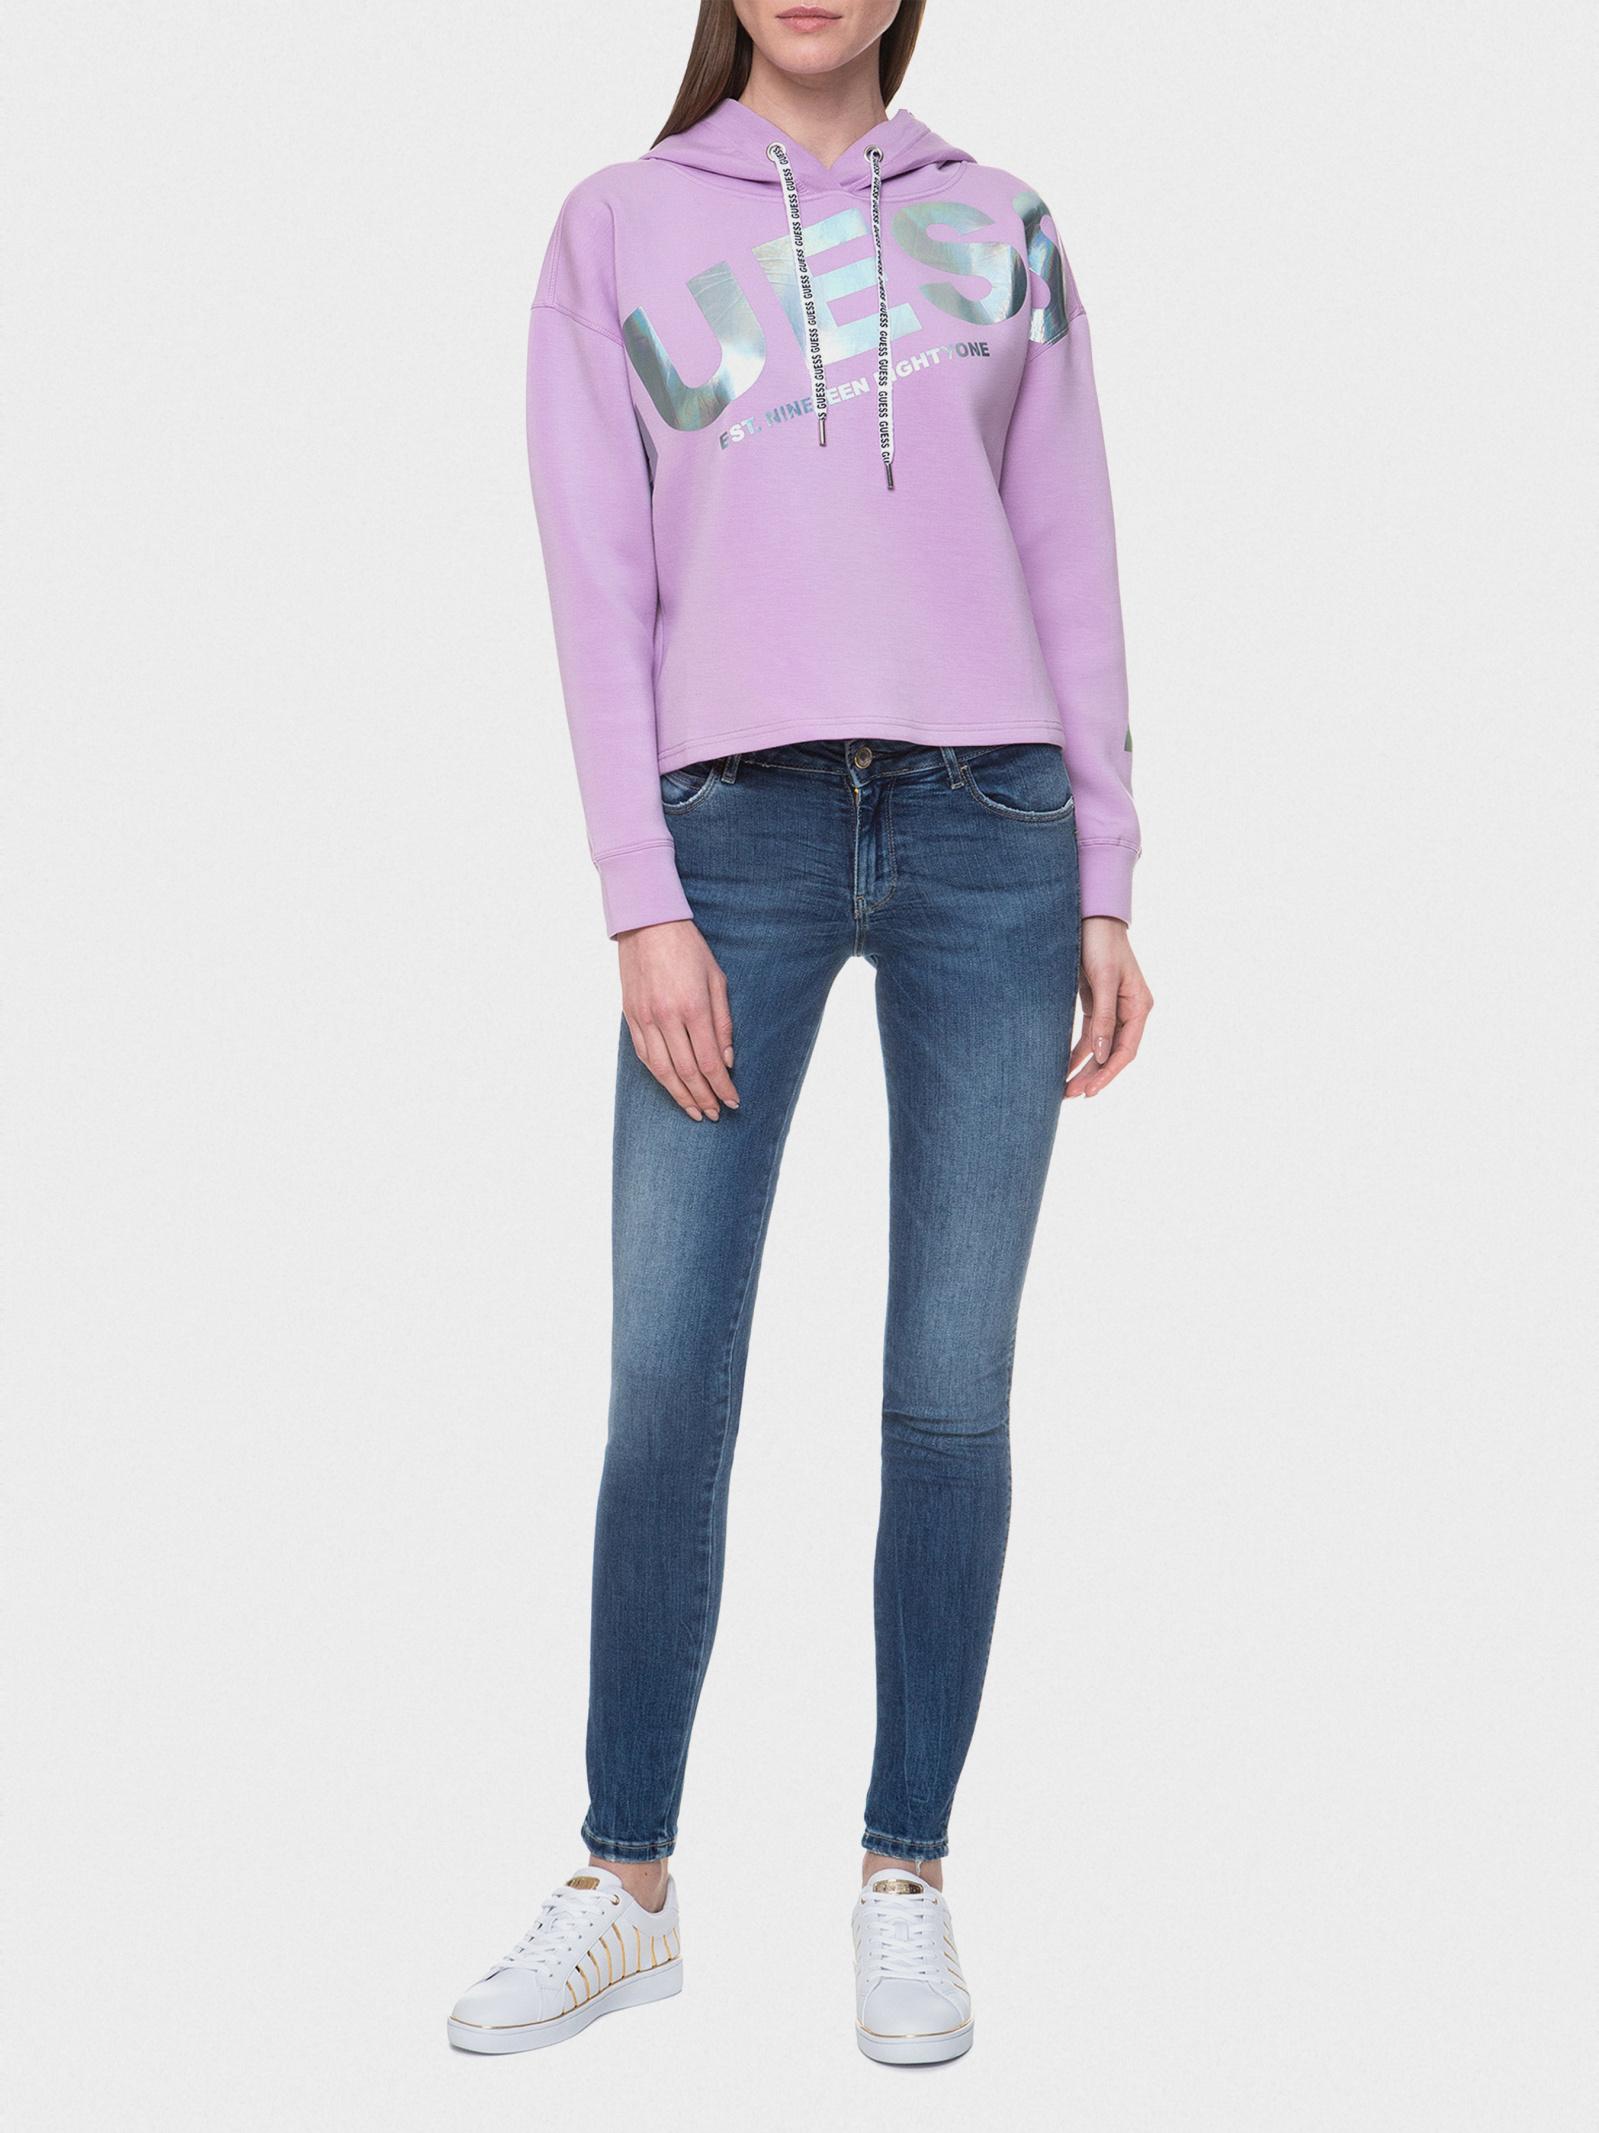 GUESS Кофти та светри жіночі модель W01Q88-K7UW0-G4G8 купити, 2017